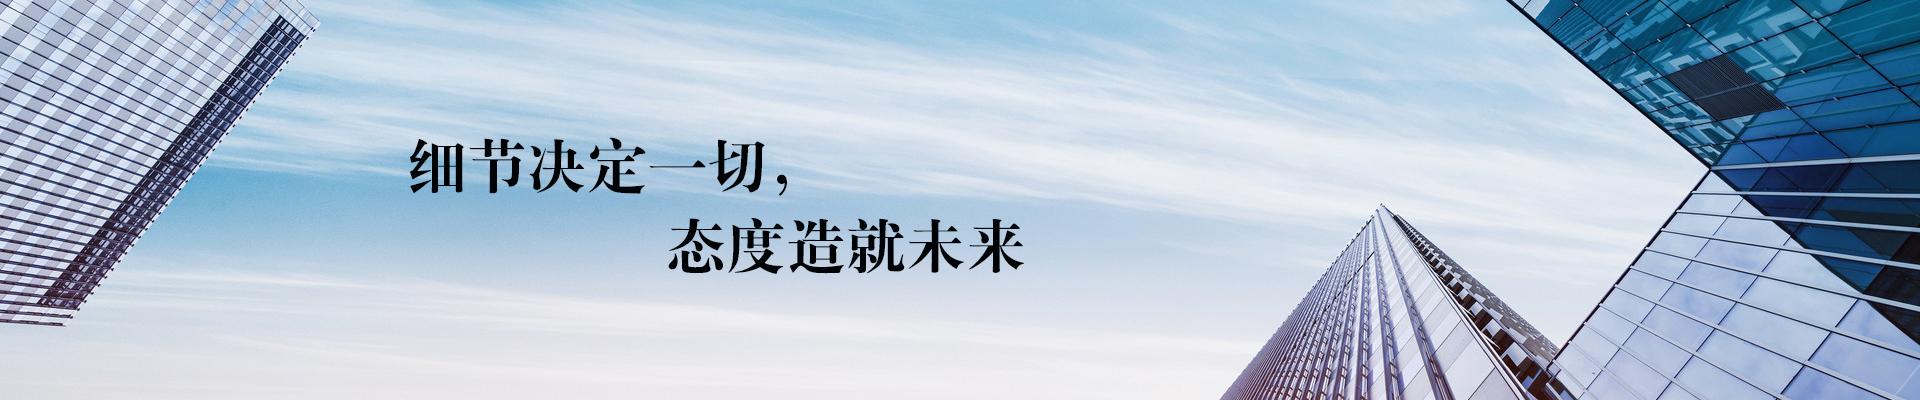 http://www.youhe-china.com/data/images/slide/20200109093327_166.jpg